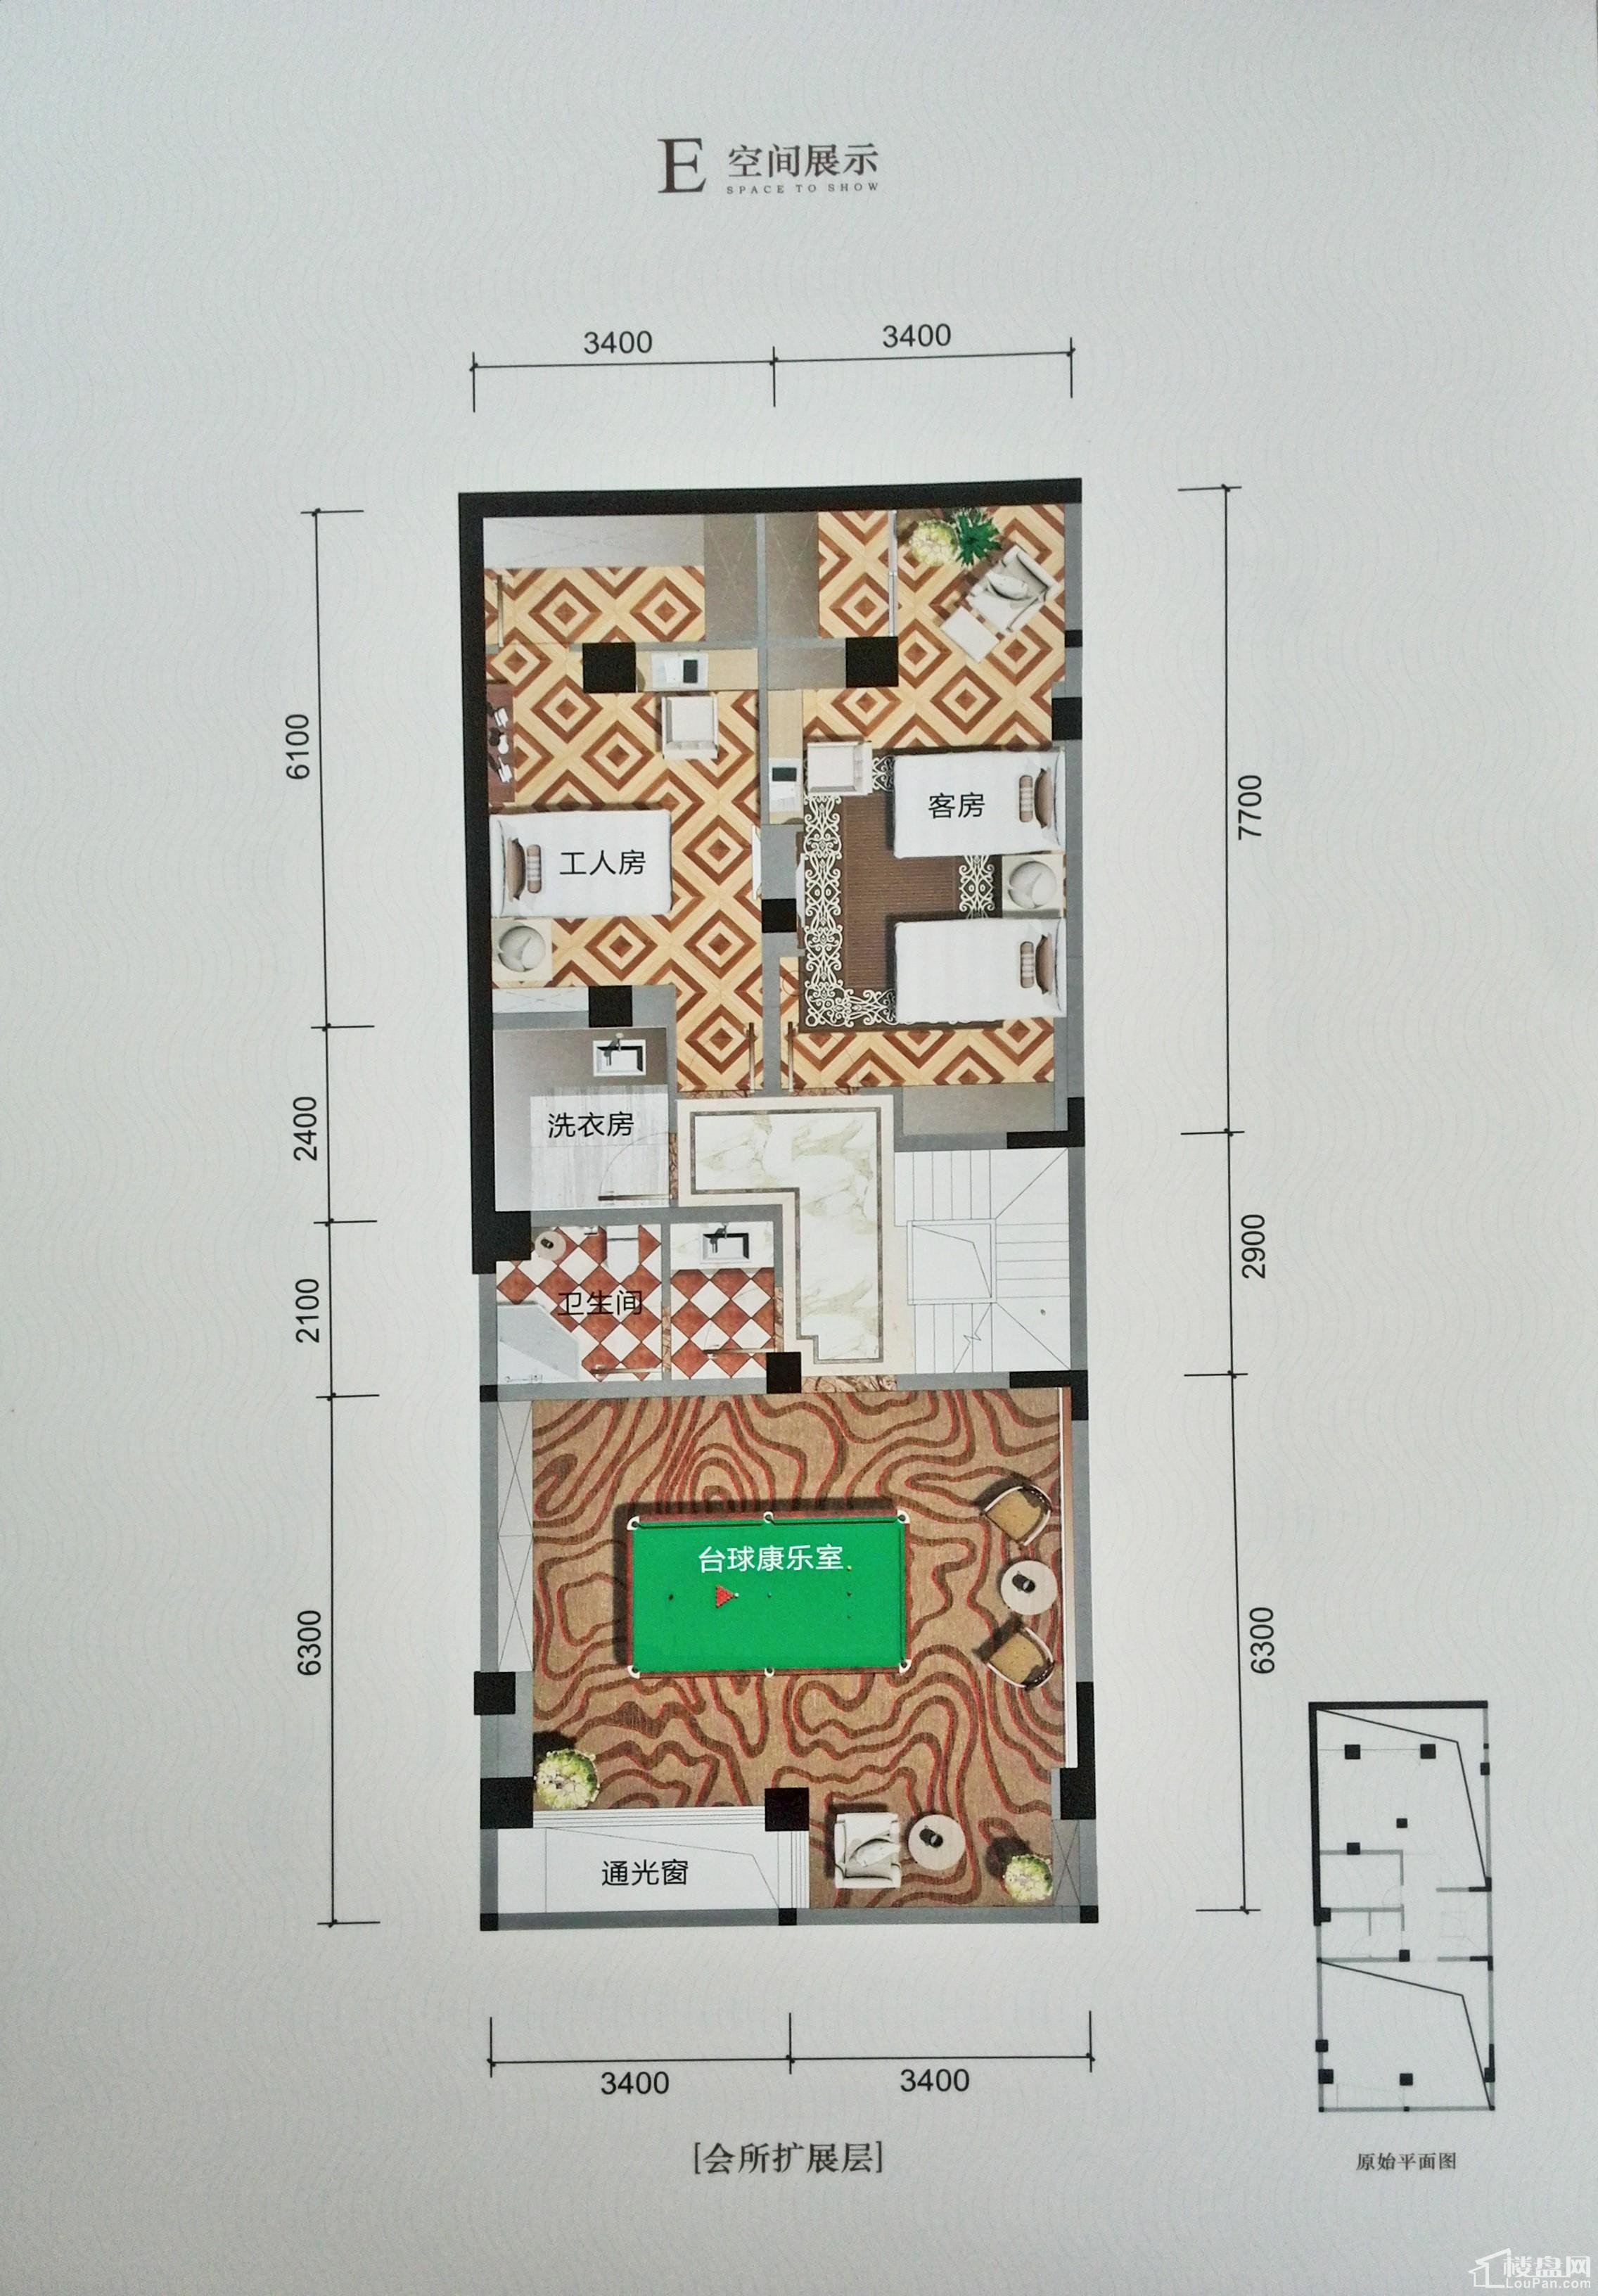 英郦庄园桥郡E会所扩展层户型图